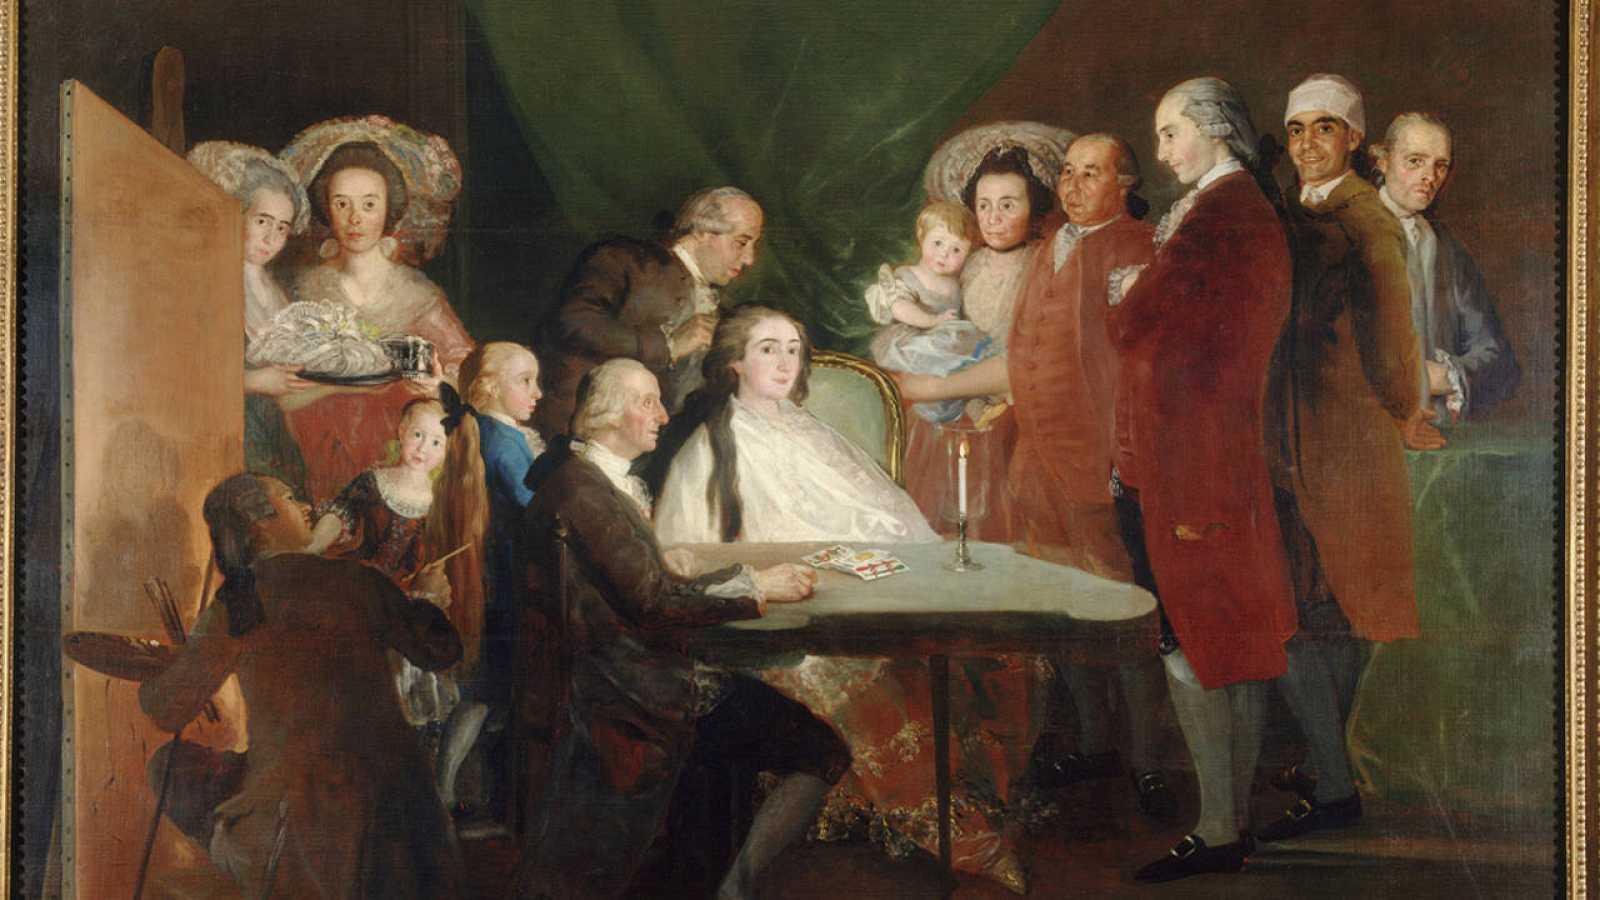 'La familia del infante don Luis de Borbón' (1783-84).Francisco de Goya.